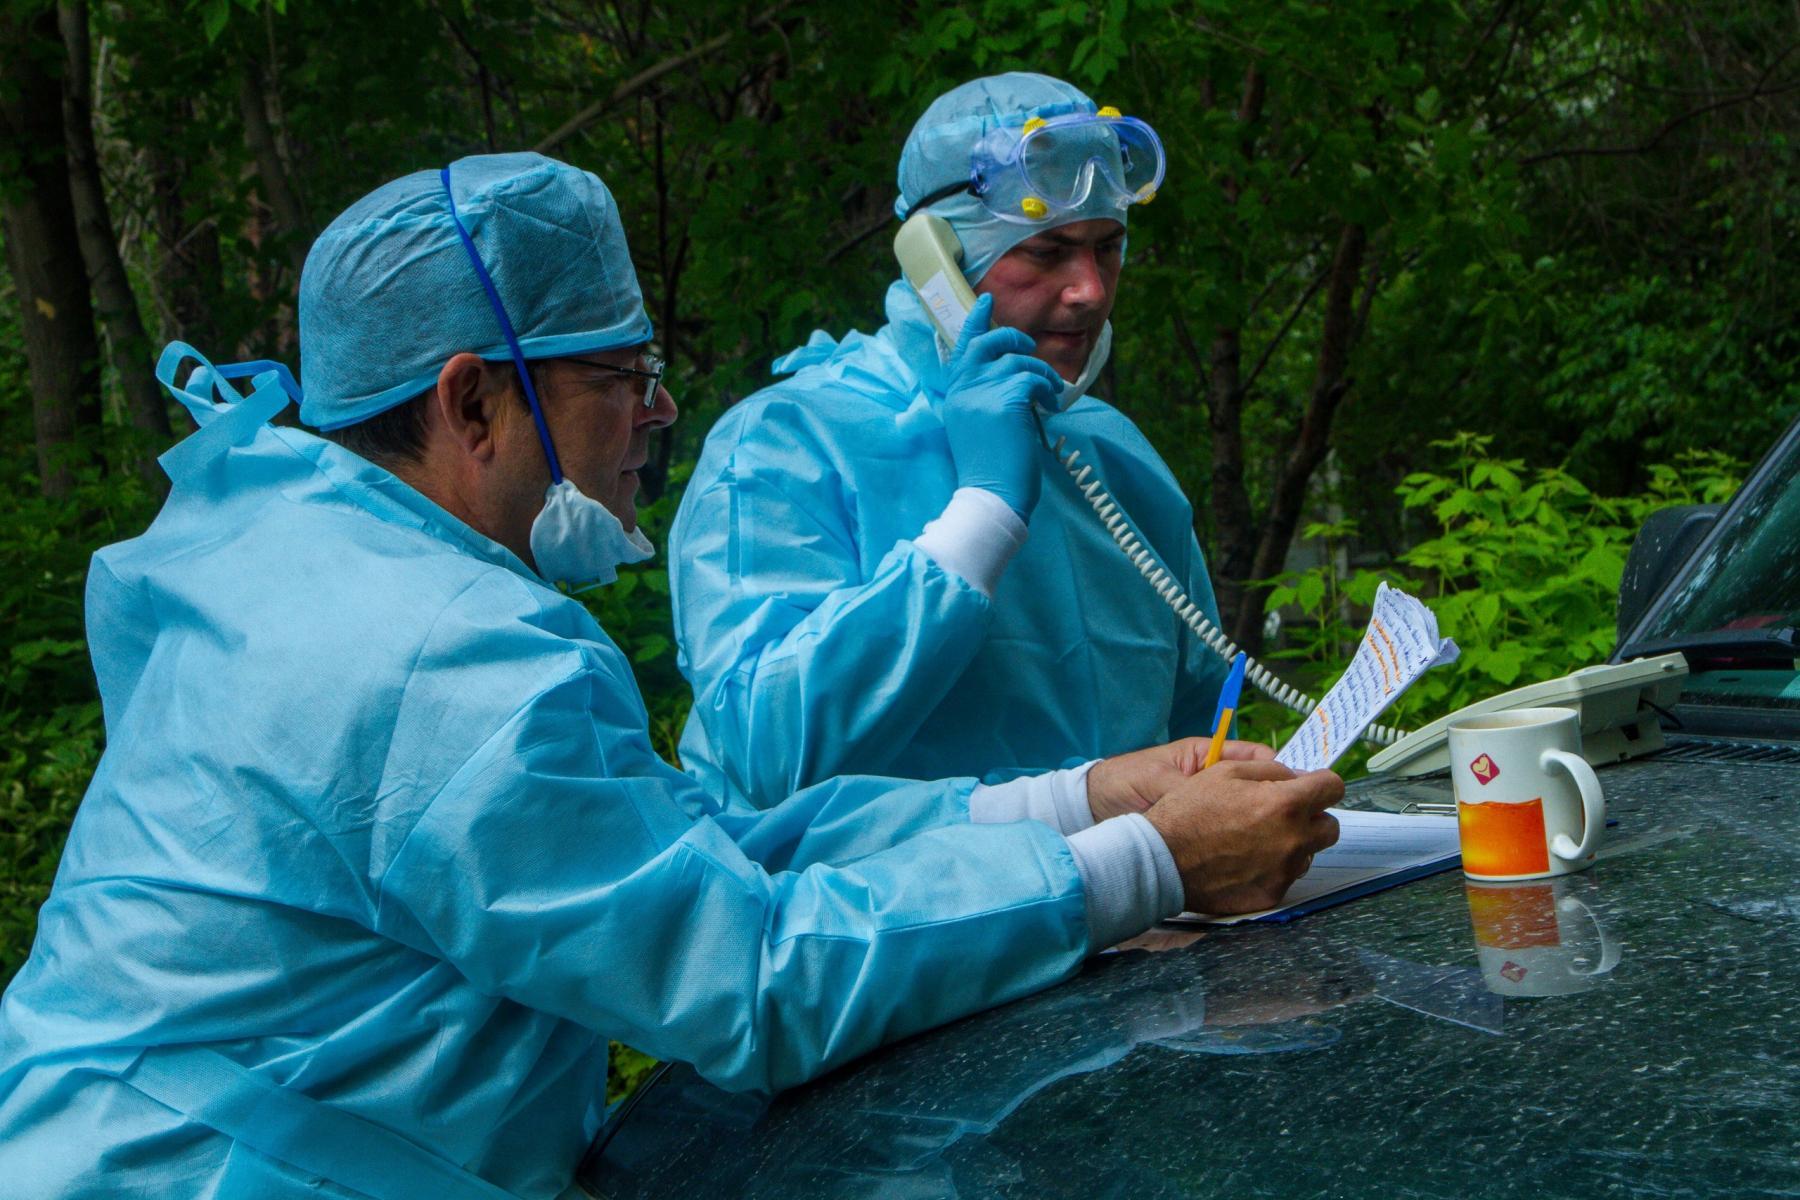 фото Коронавирус в России: последние новости к 12 июня – новая вспышка в Кузбассе, дополнительные выплаты для военных врачей, продление режима самоизоляции в Томской области 3